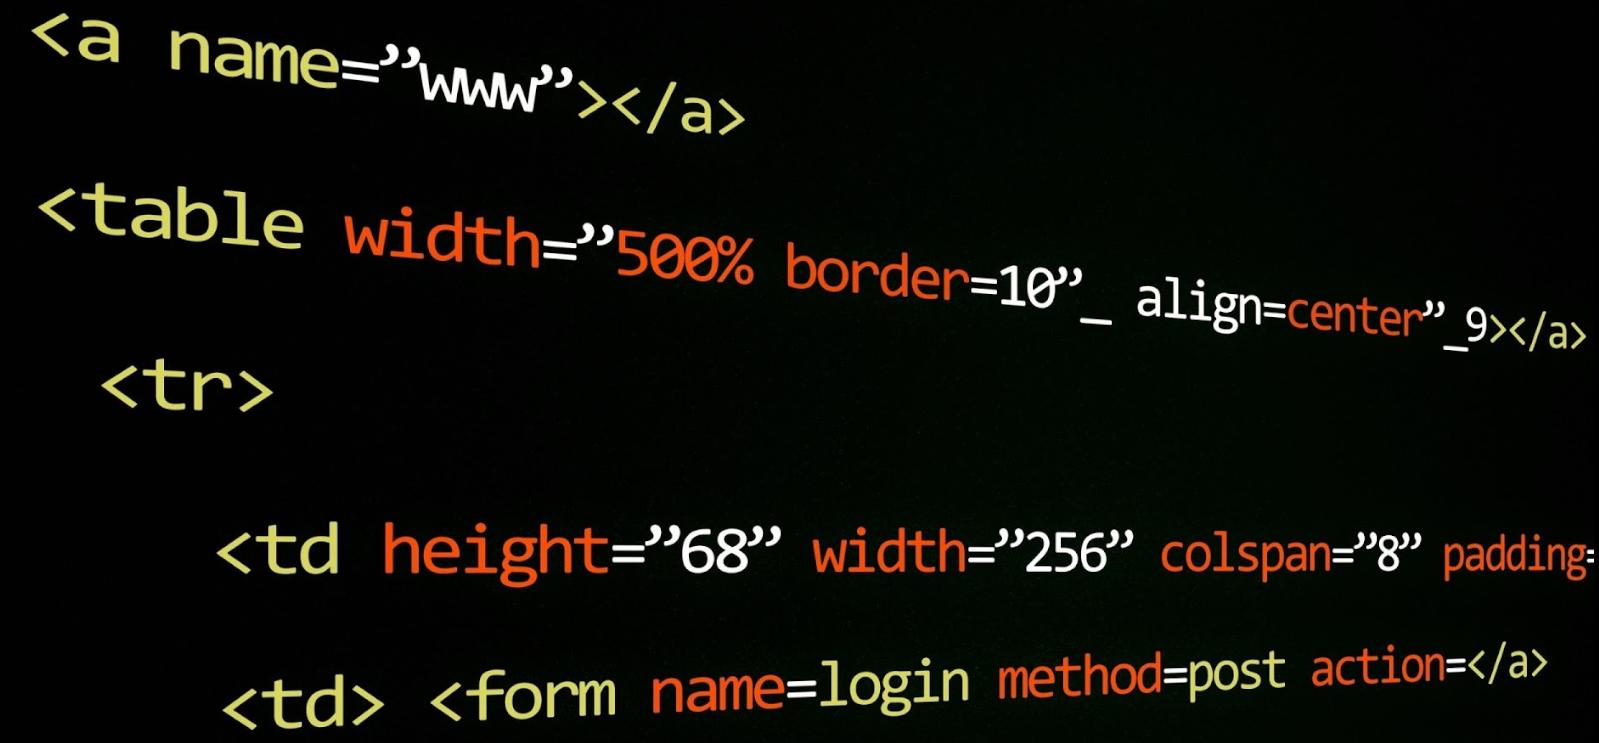 desarrollo web, diseño web, diseño web colombia, diseño web santa marta, desarrollo web colombia, desarrollo web santa marta